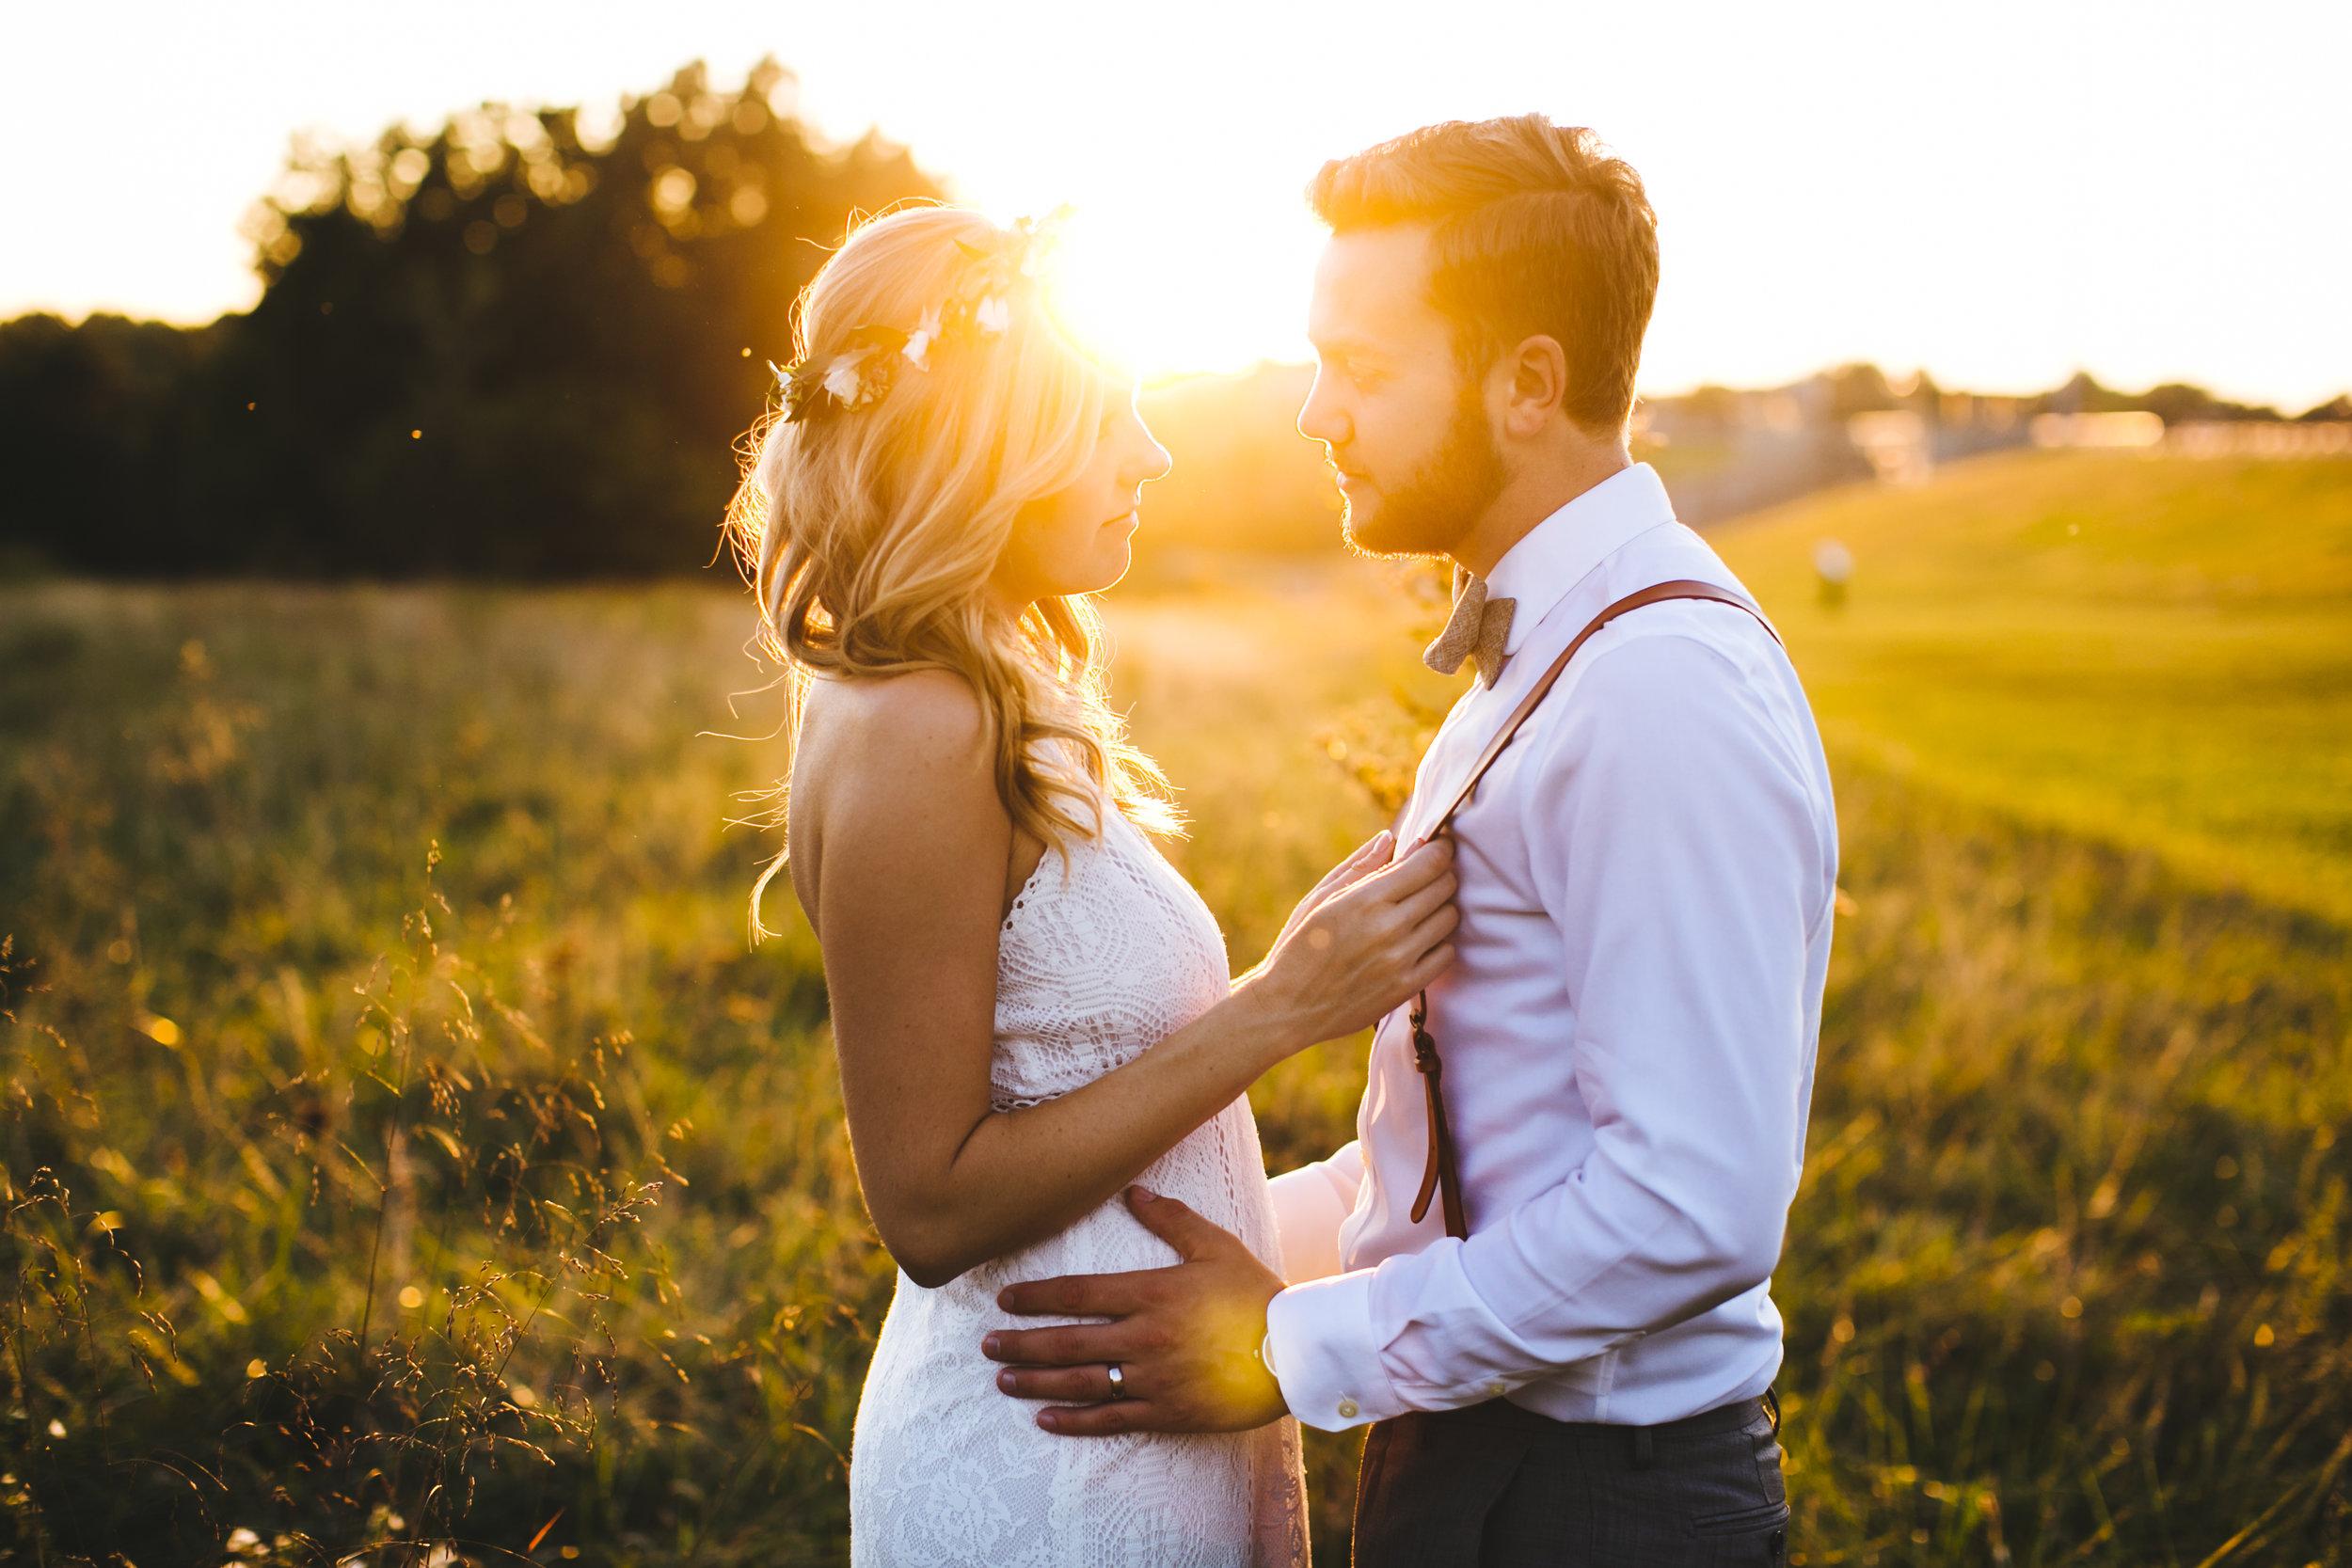 wedding__0780.jpg